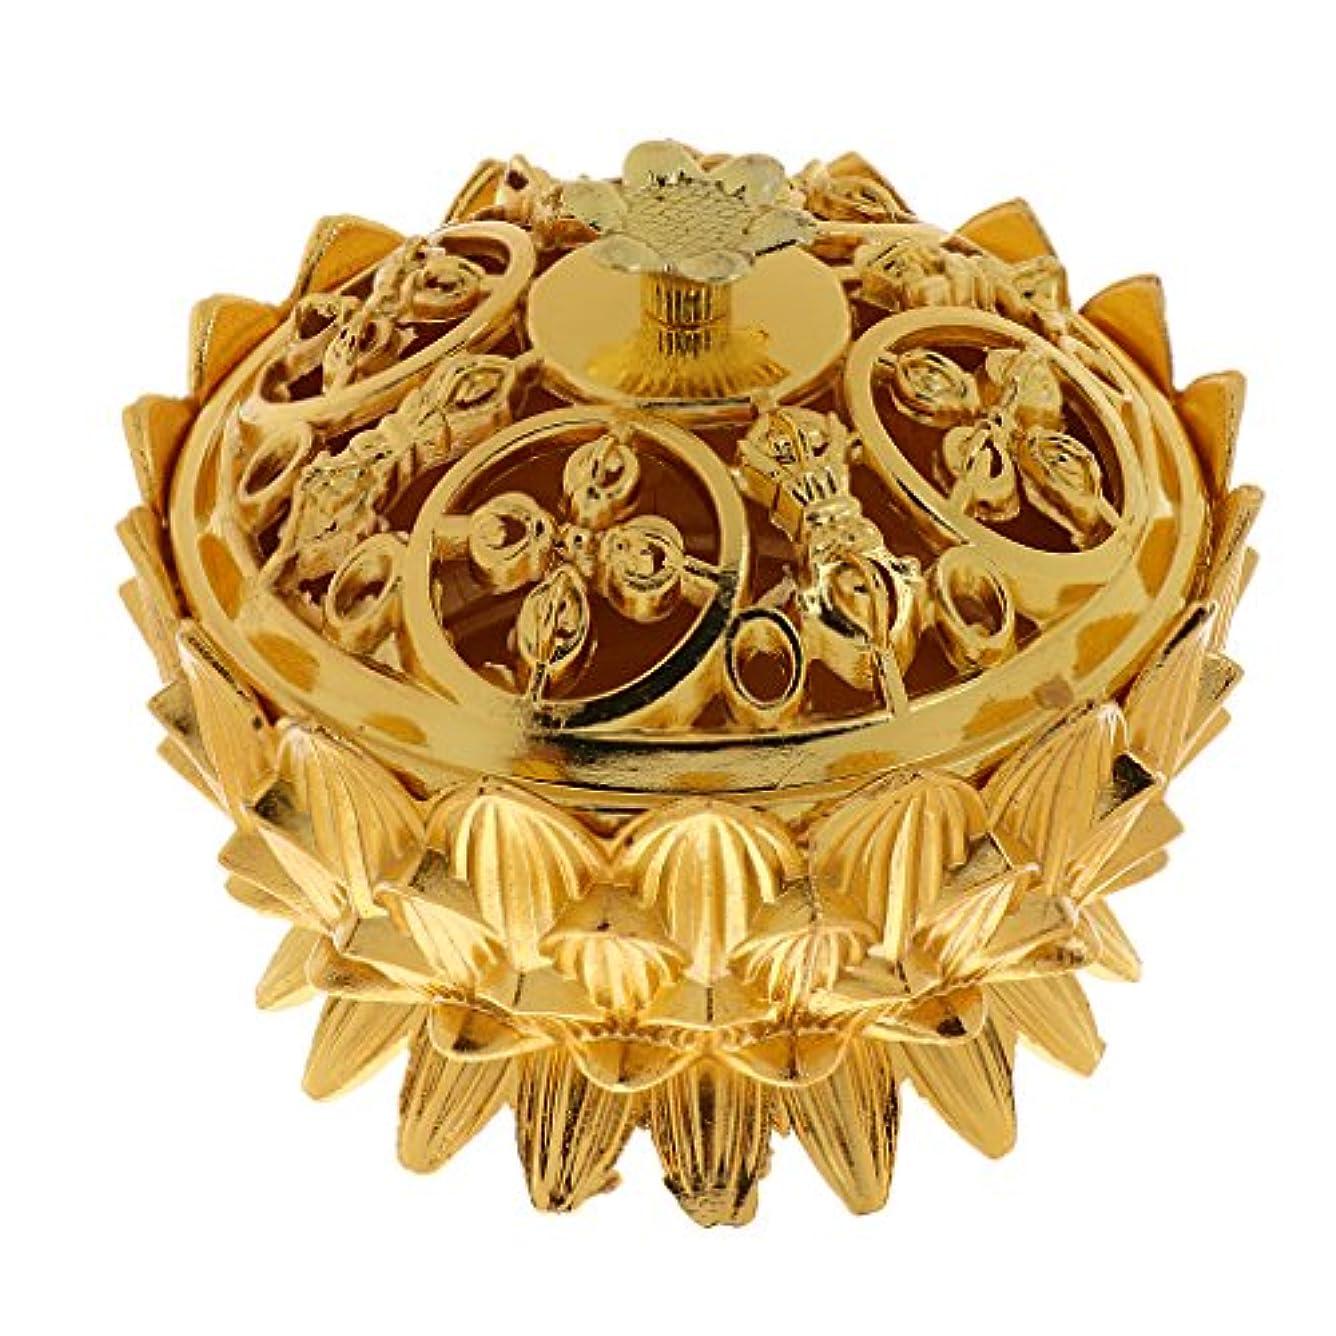 石化する独立して願望仏教 チベット 蓮 香りバーナー 香炉 金属 工芸品 家 装飾 全3選択 - #3